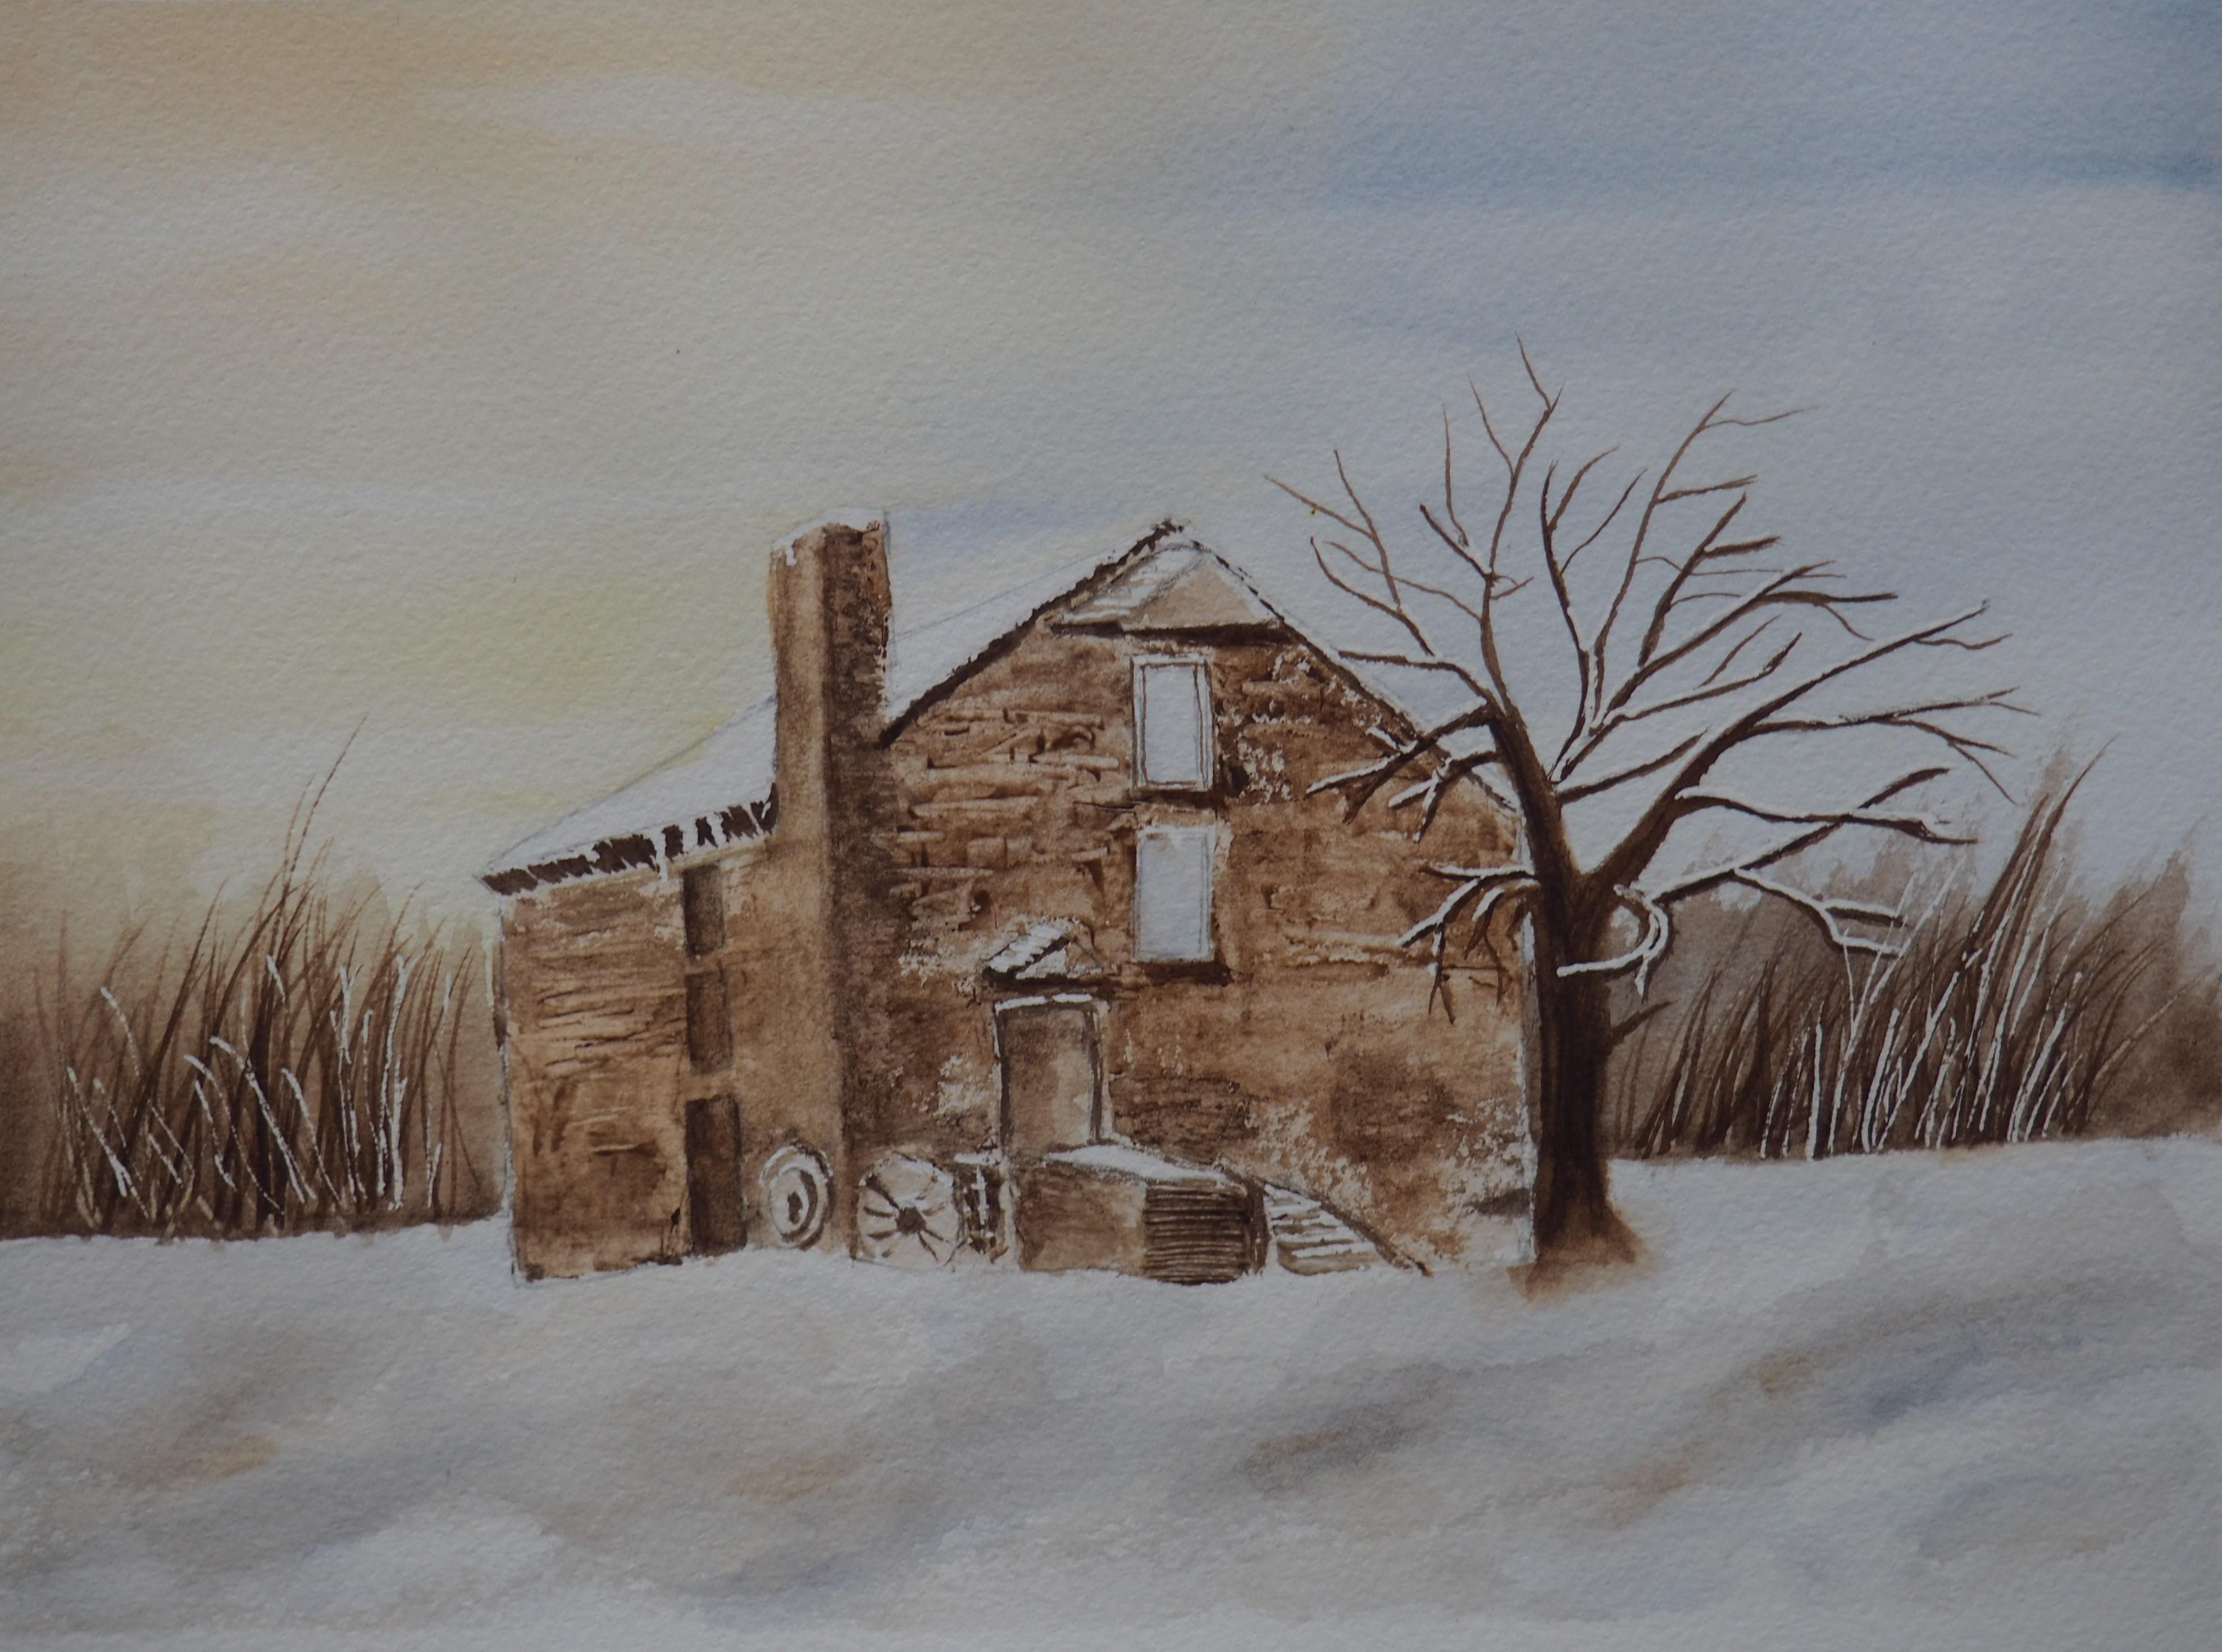 Maison isolée en hiver